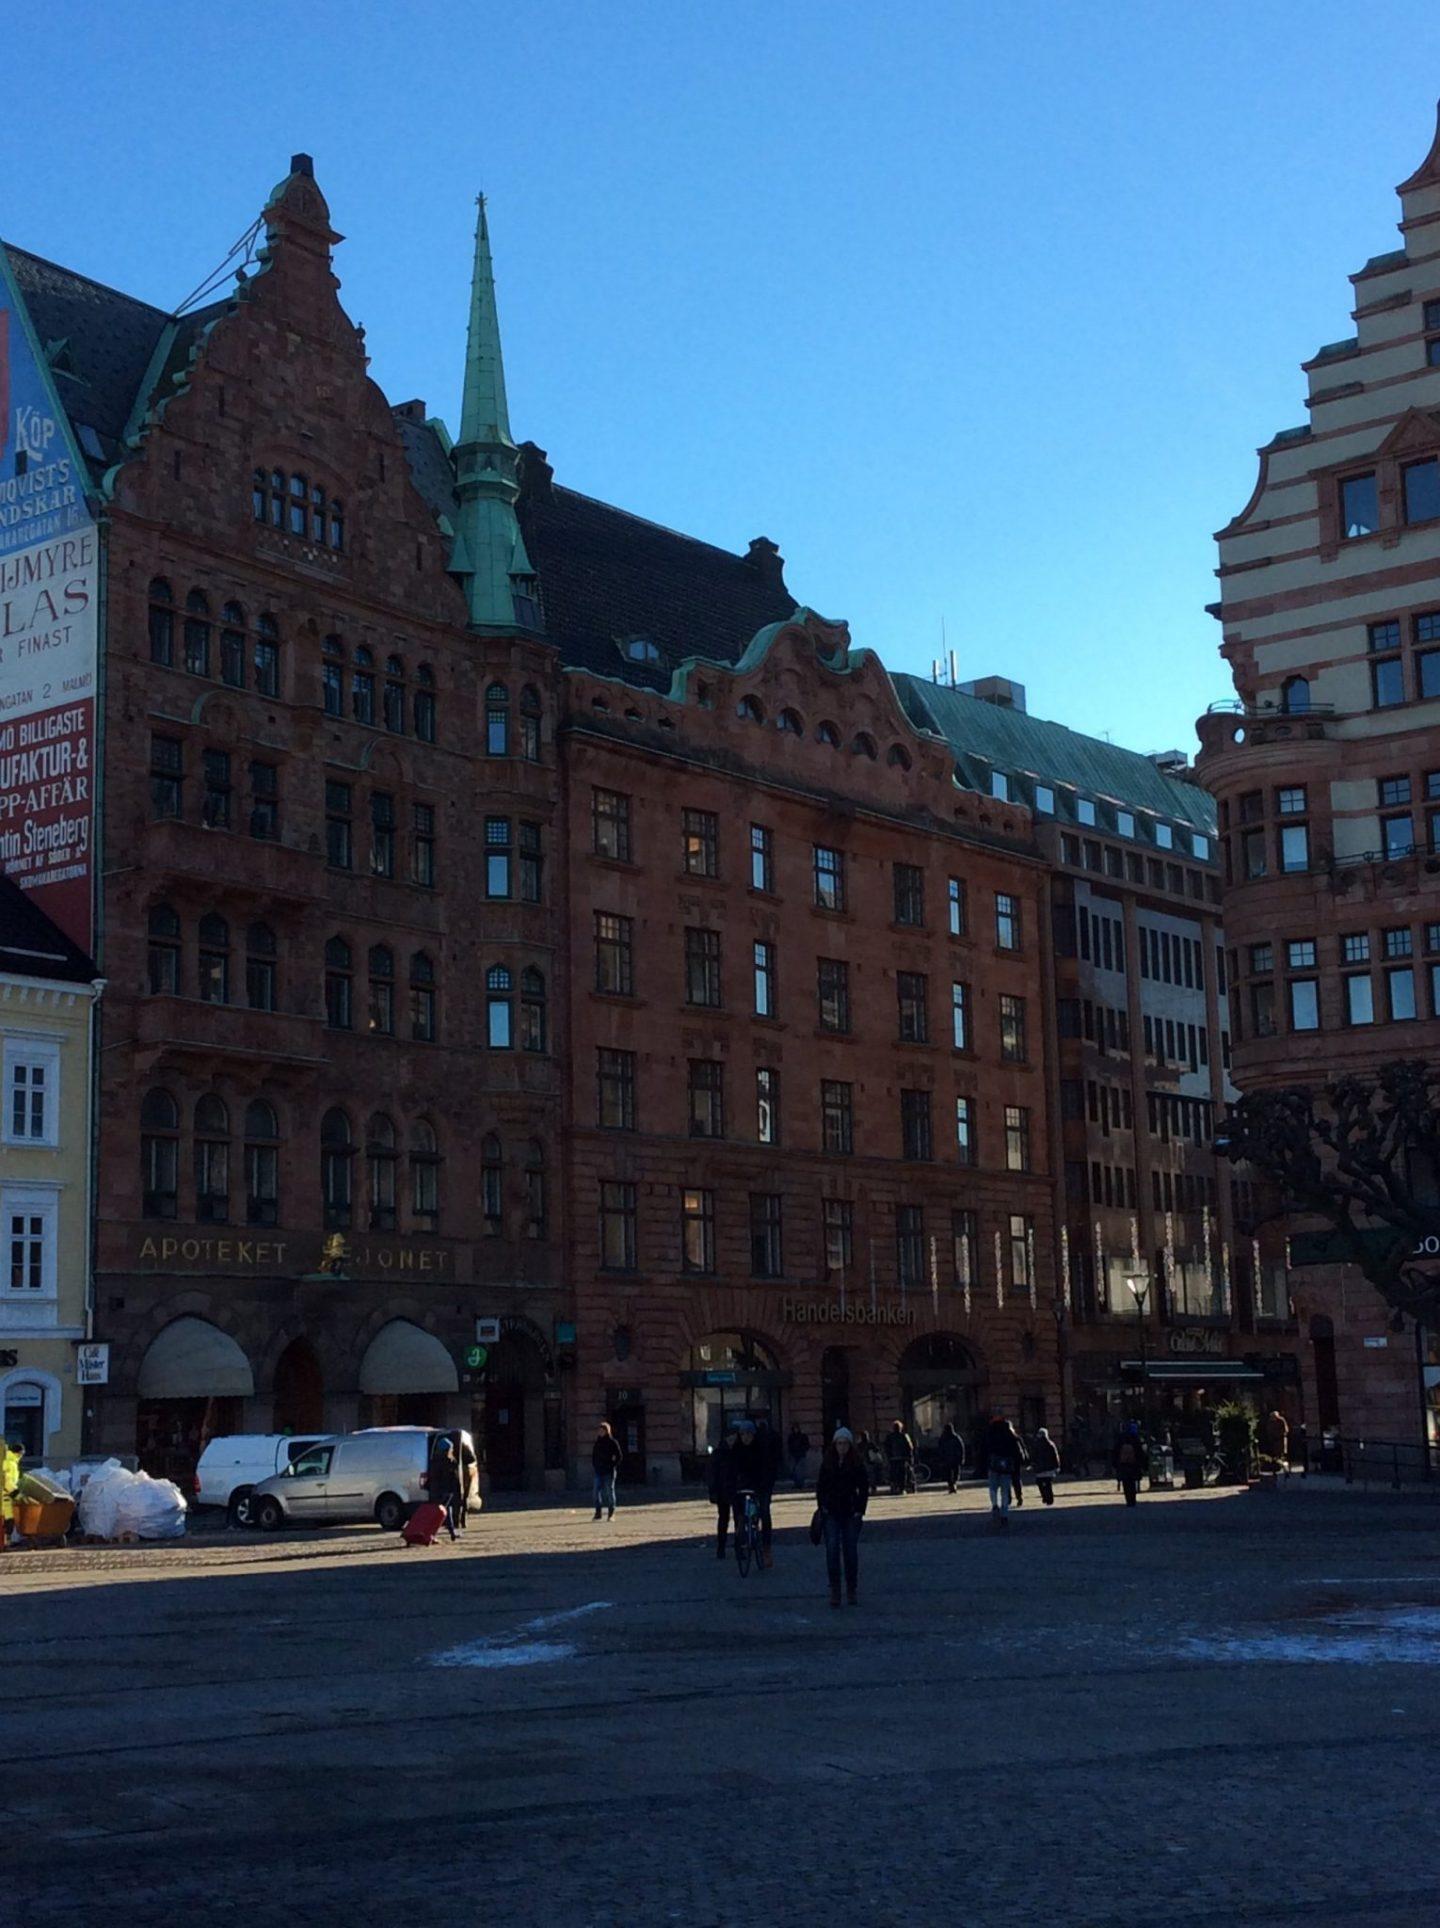 IMG 0124 1440x1928 - Malmö and the history